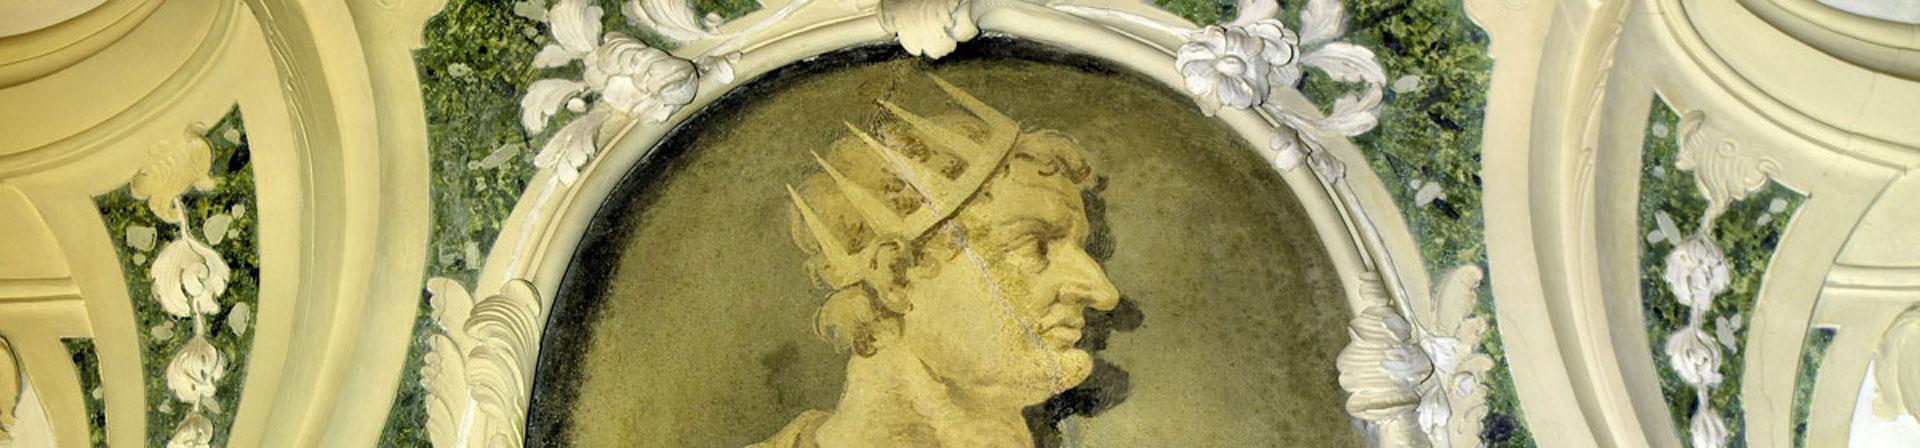 Cosa vedere a Sacile: Palazzo Ovio-Gobbi